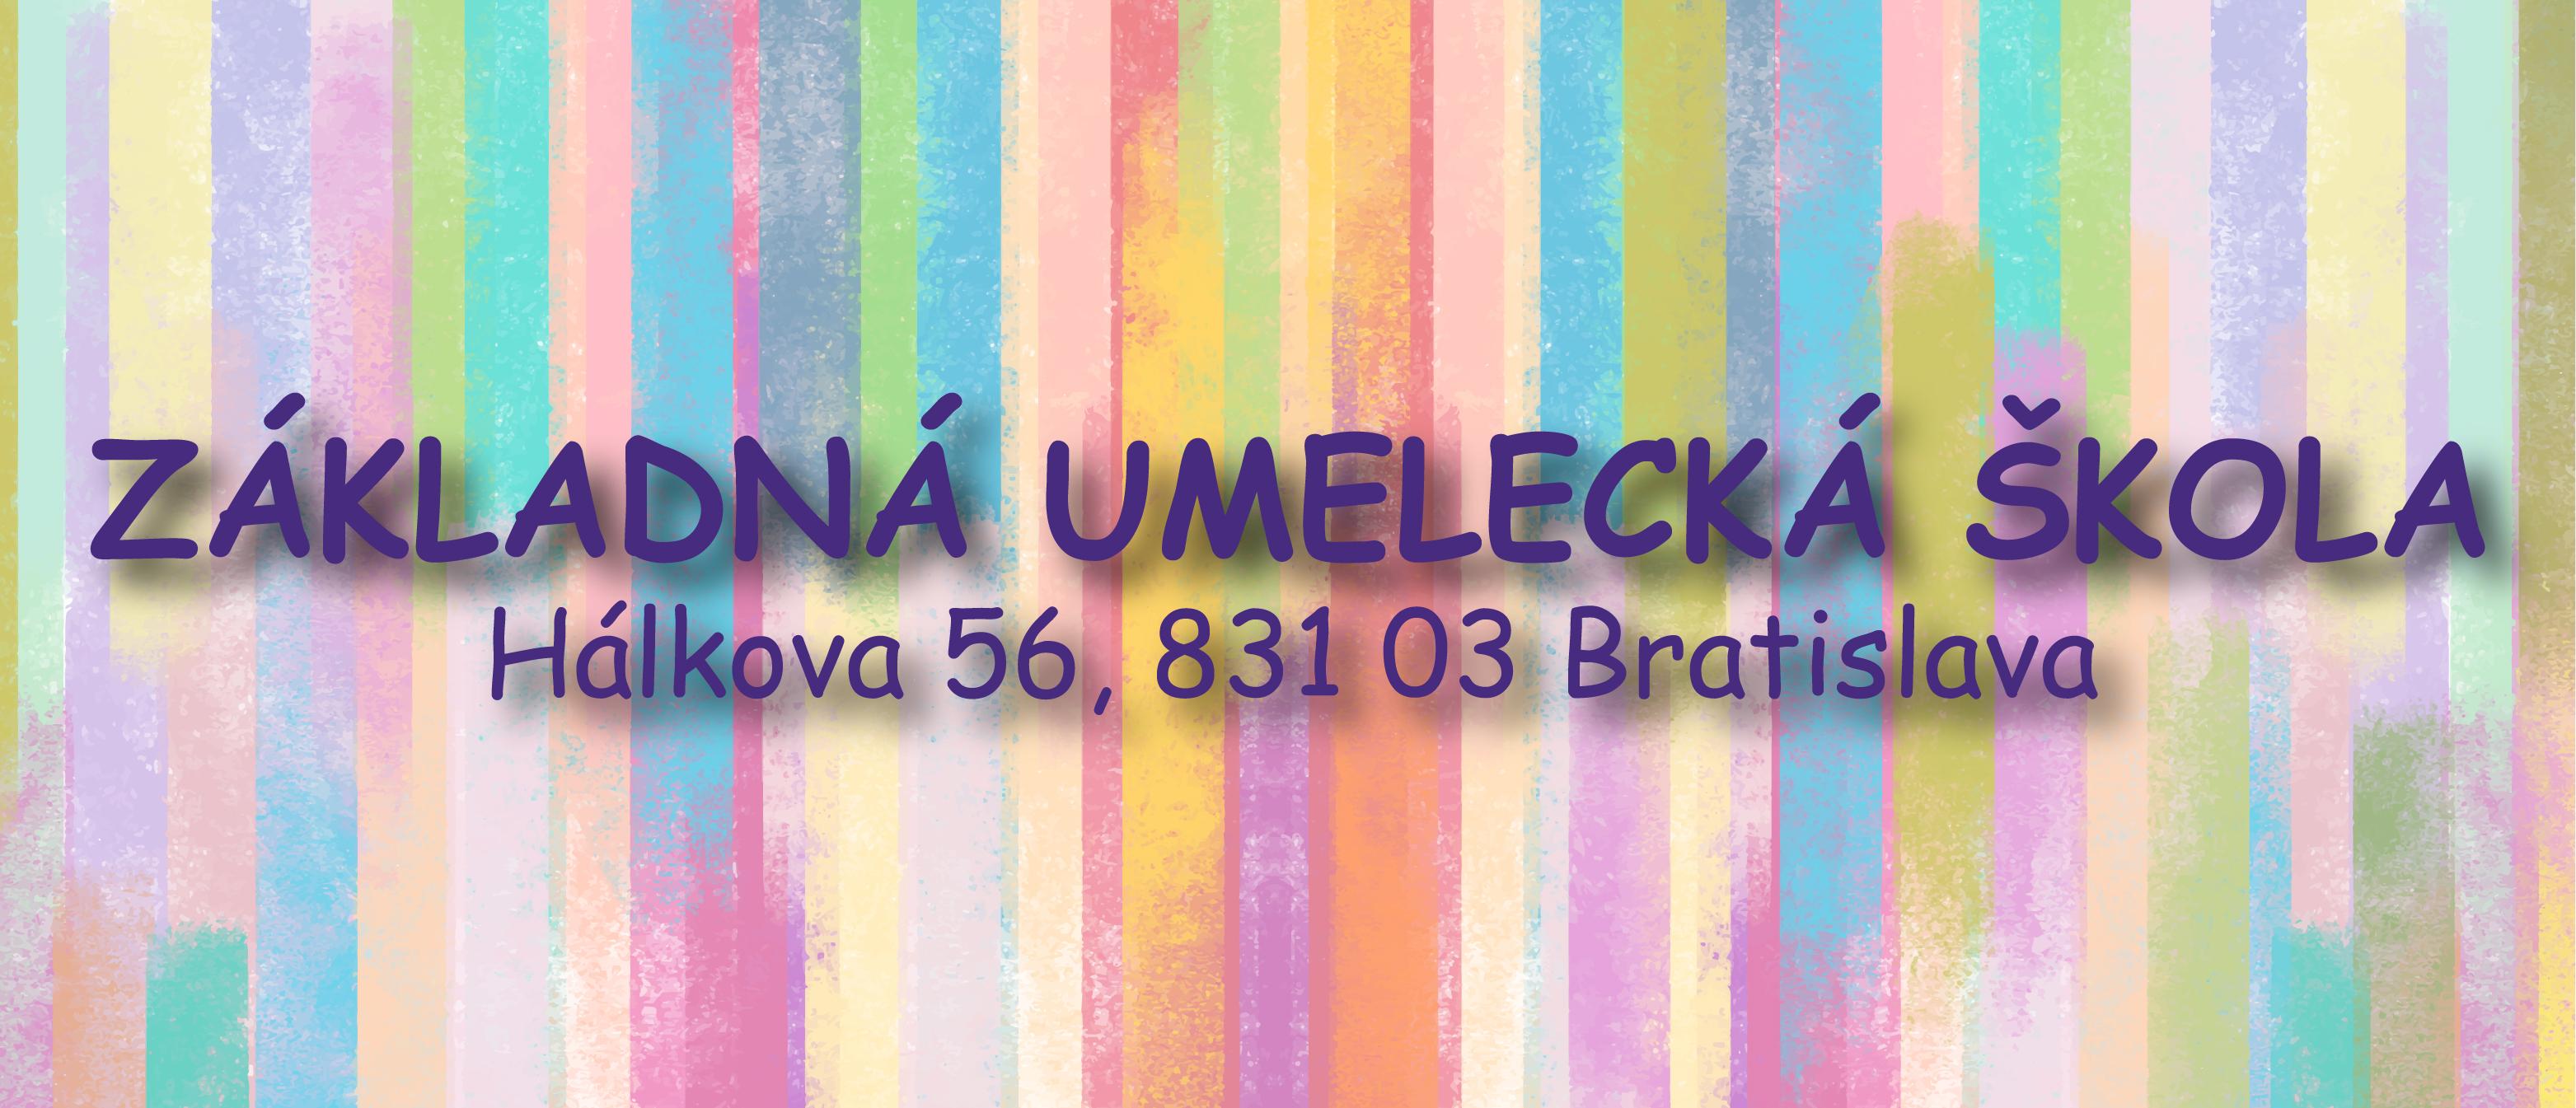 Základná umelecká škola, Hálkova 56, Bratislava - rozpočtová organizácia Hlavného mesta Slovenskej republiky Bratislavy